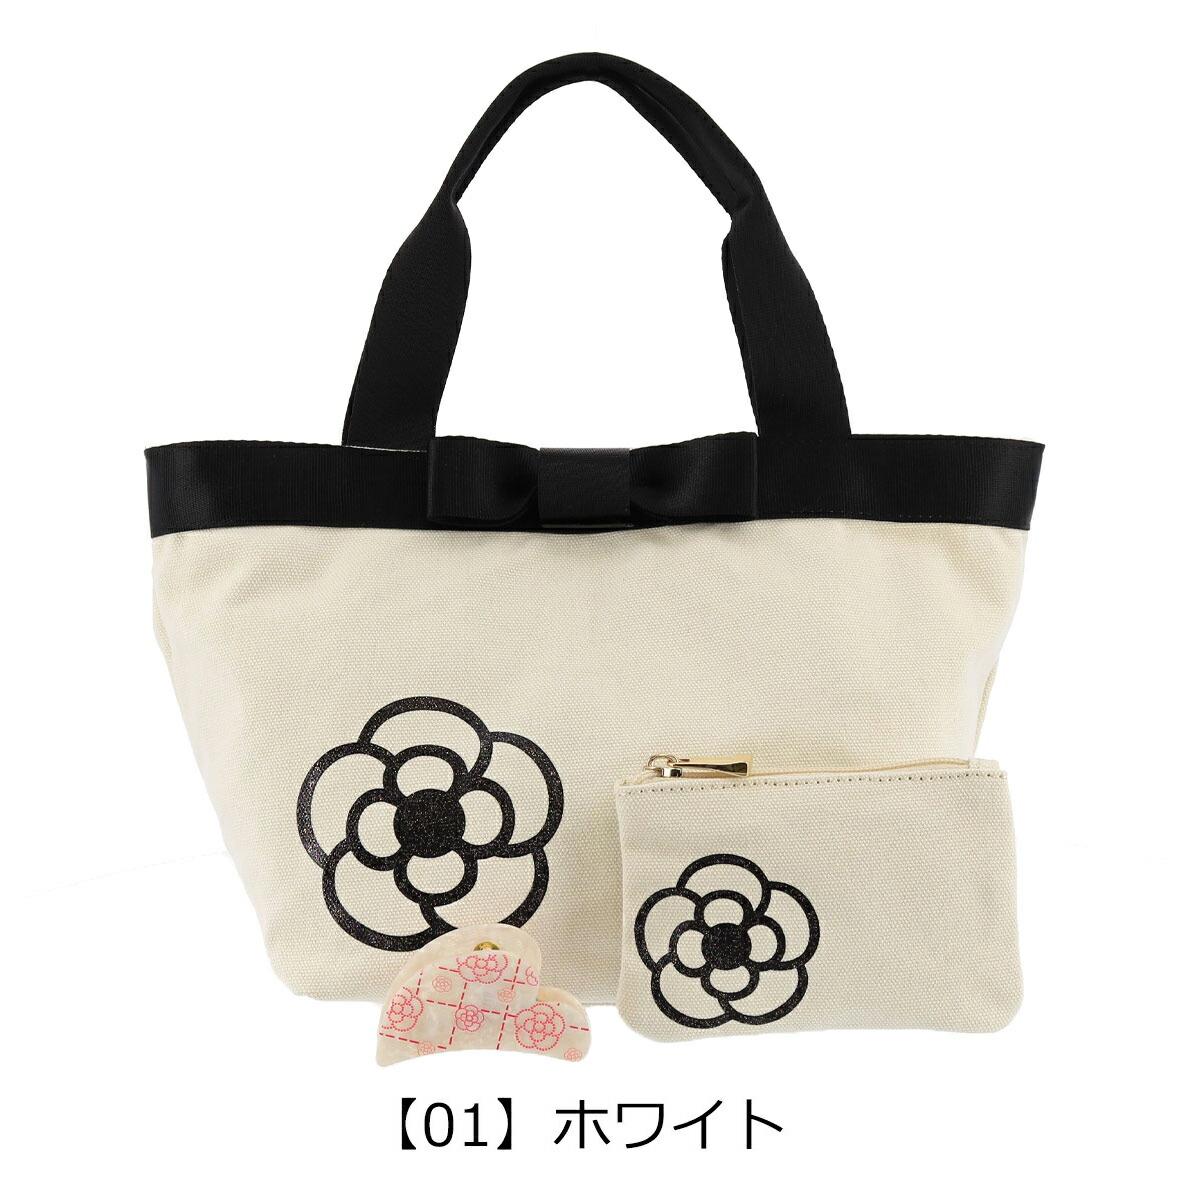 【01】ホワイト